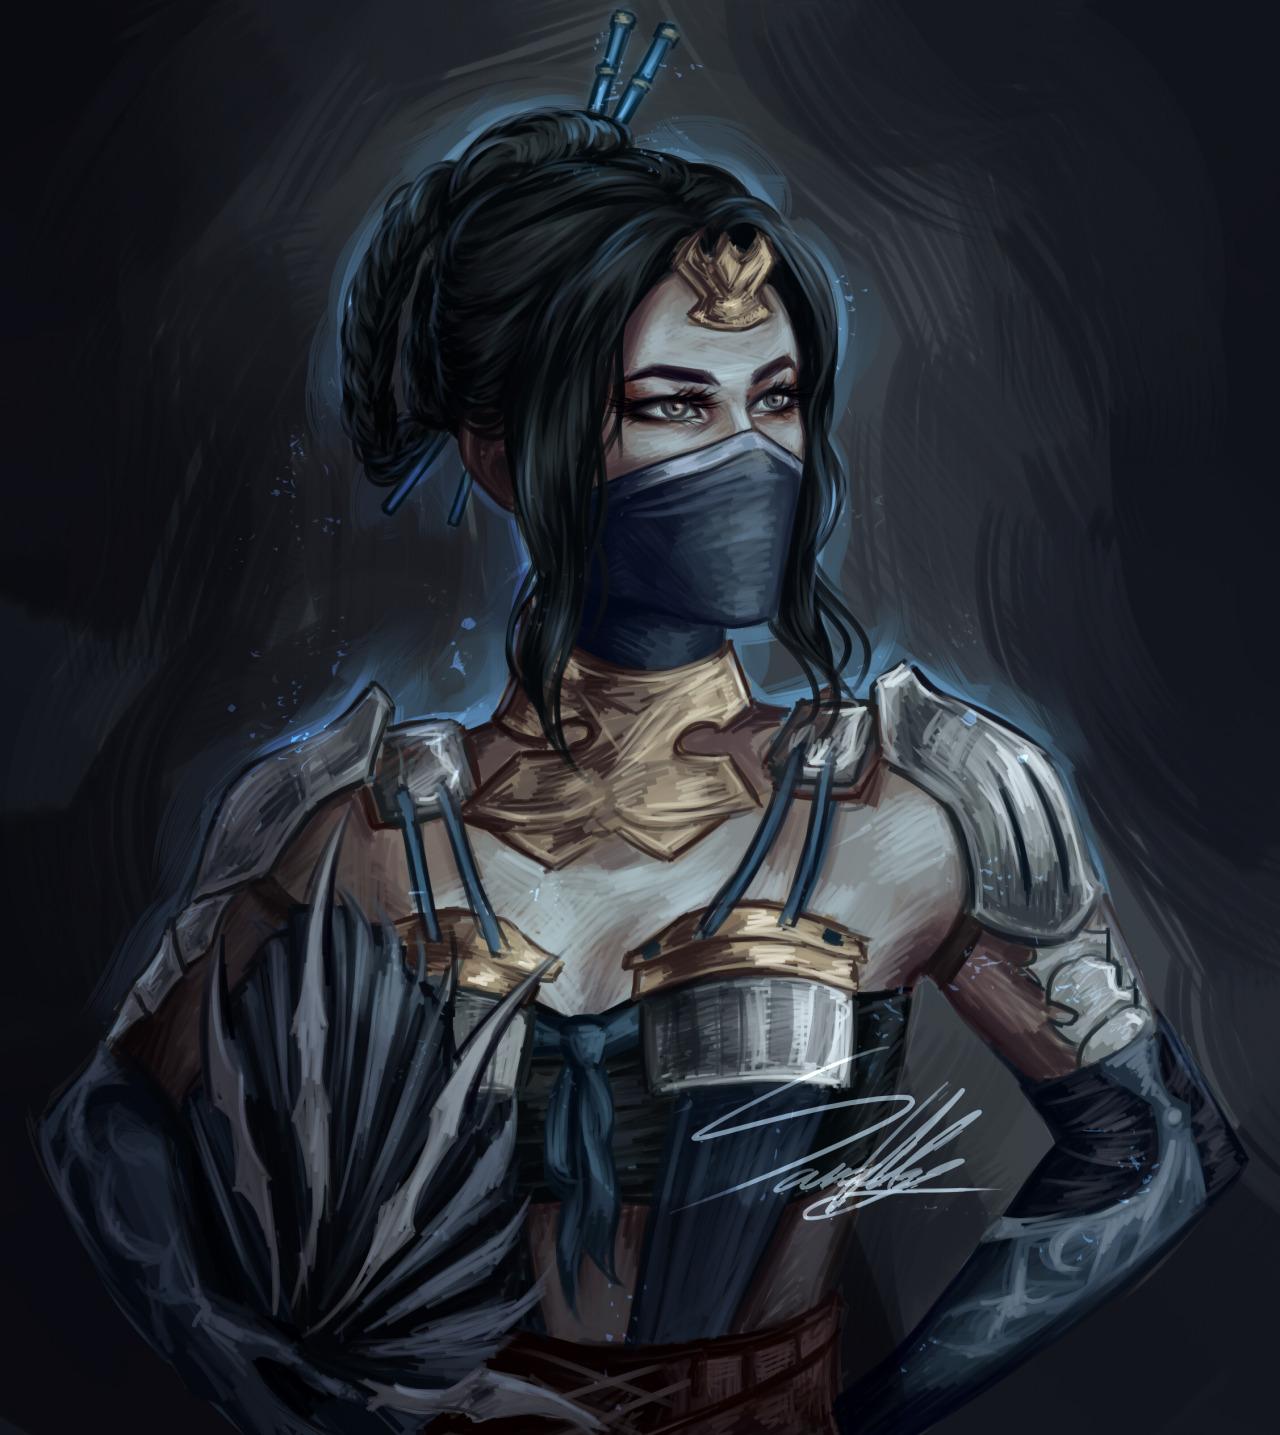 Mortal Kombat - Mortal Kombat X Арт